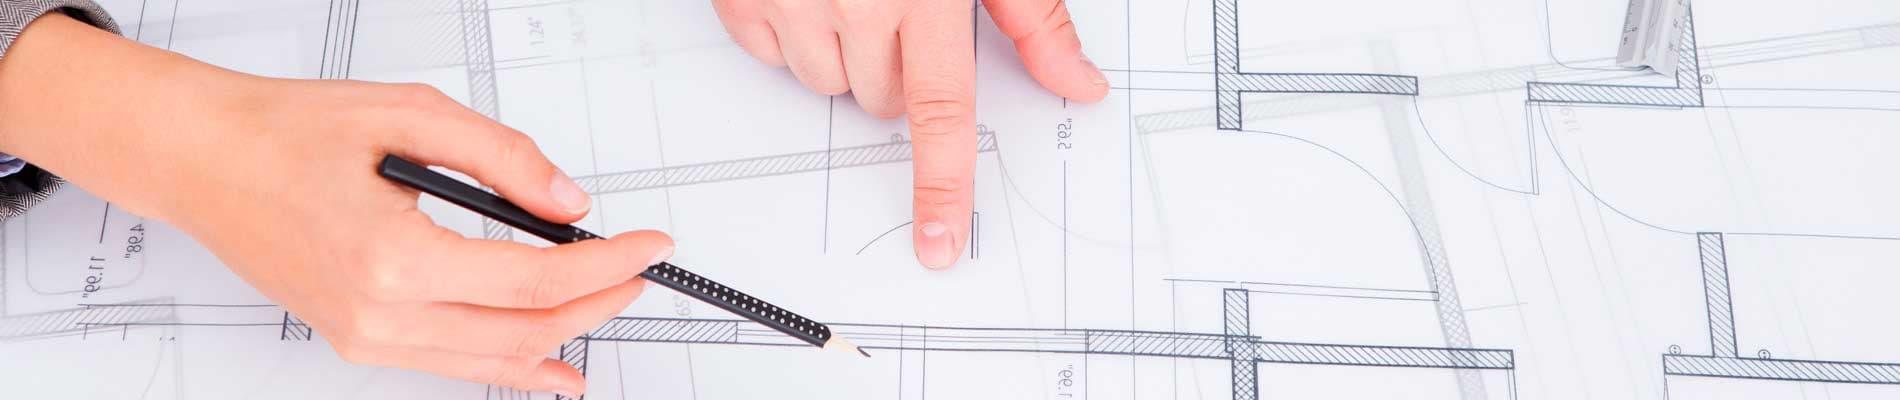 Delineazione/CAD costruzione/progetti di costruzione